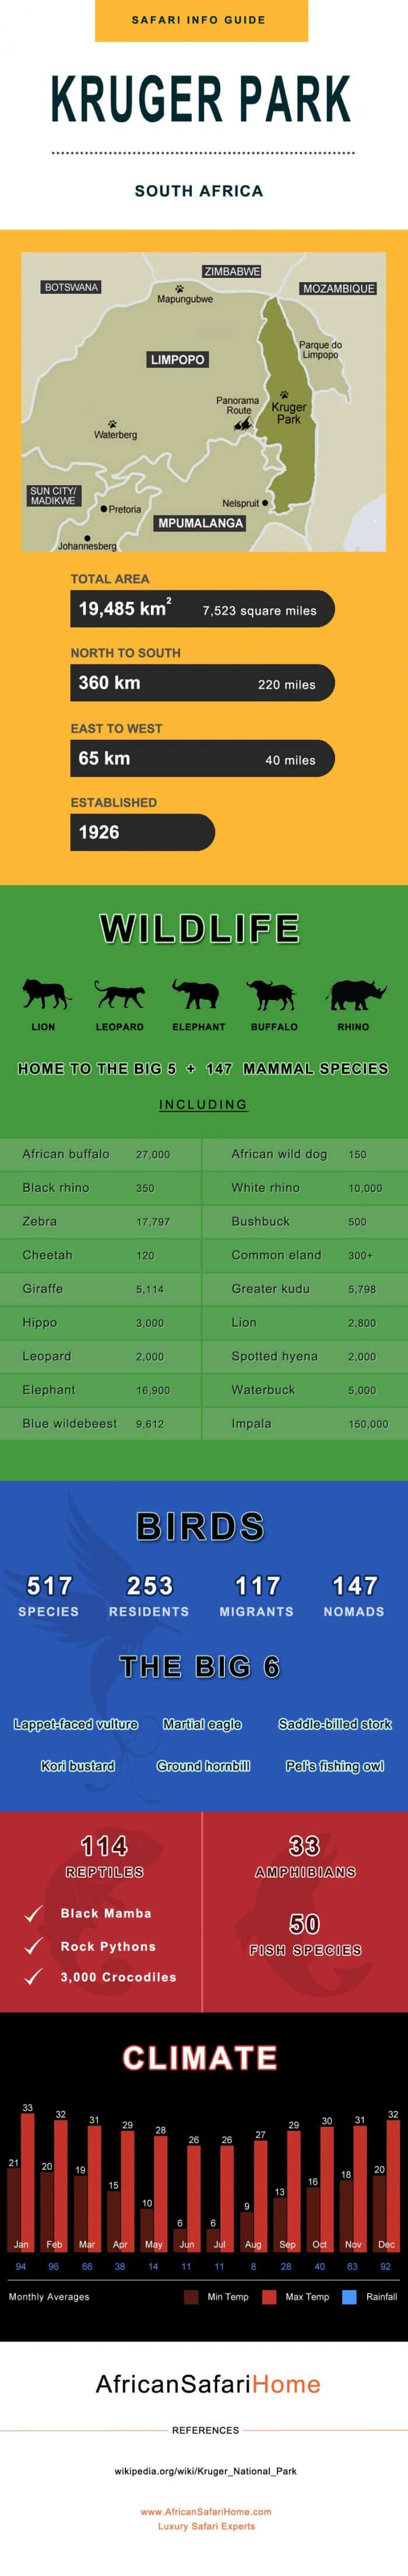 Kruger-Park-Infographic